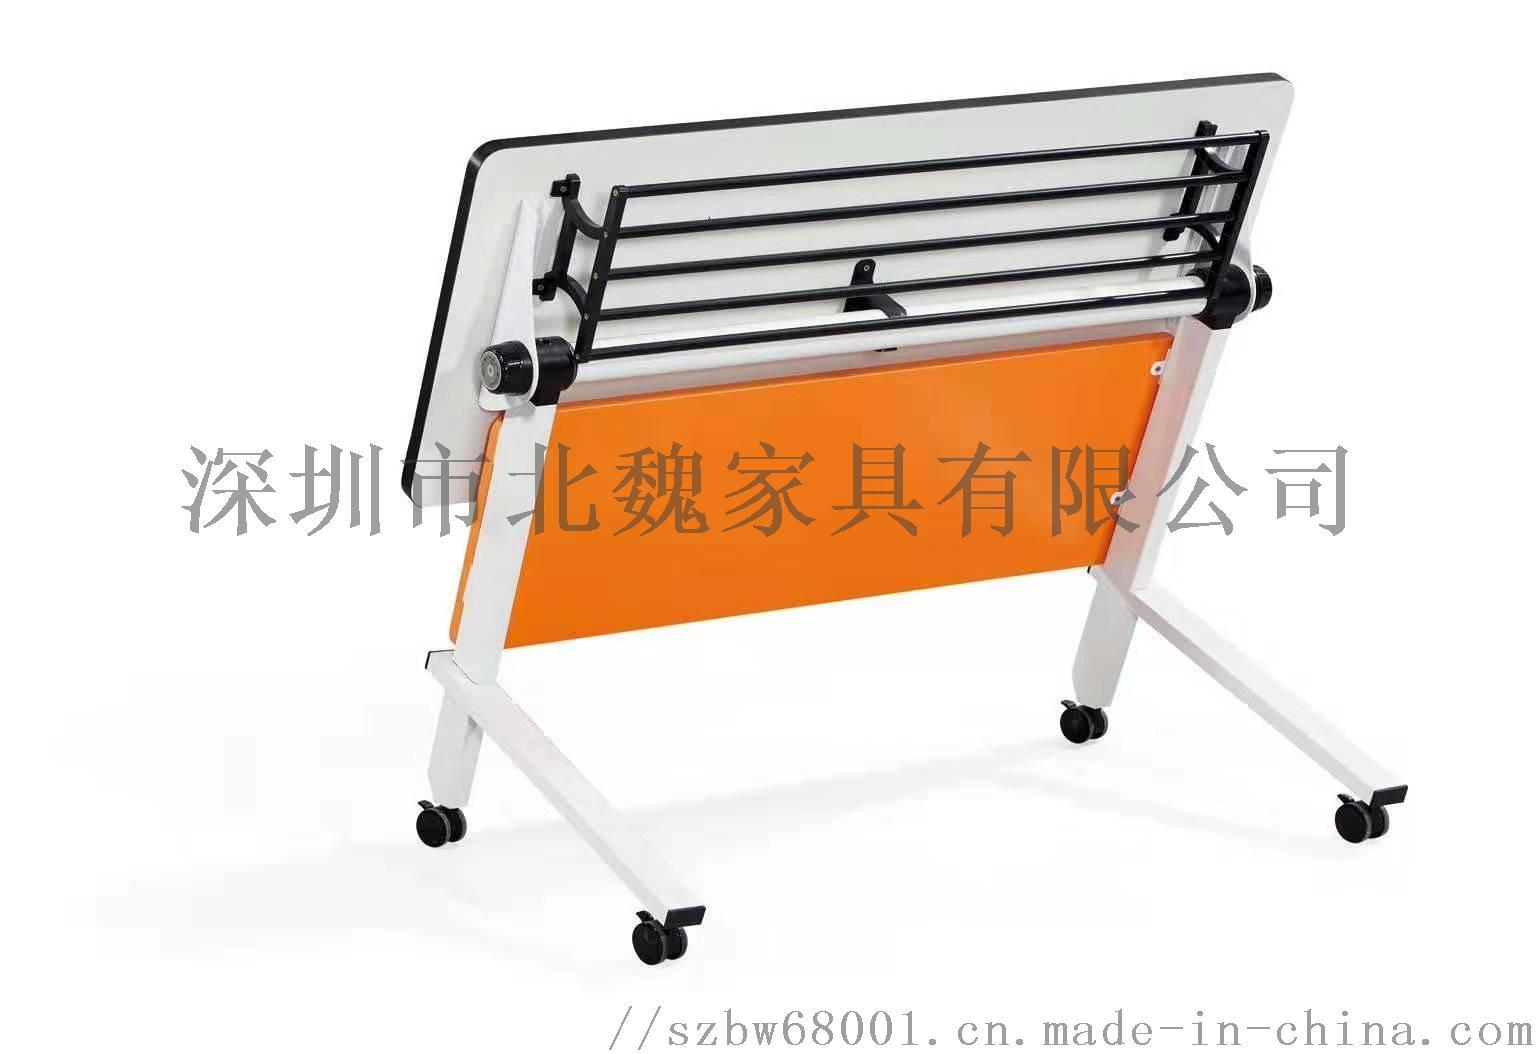 现代折叠培训桌椅-培训班折叠桌椅-可移动拼接桌椅123031605